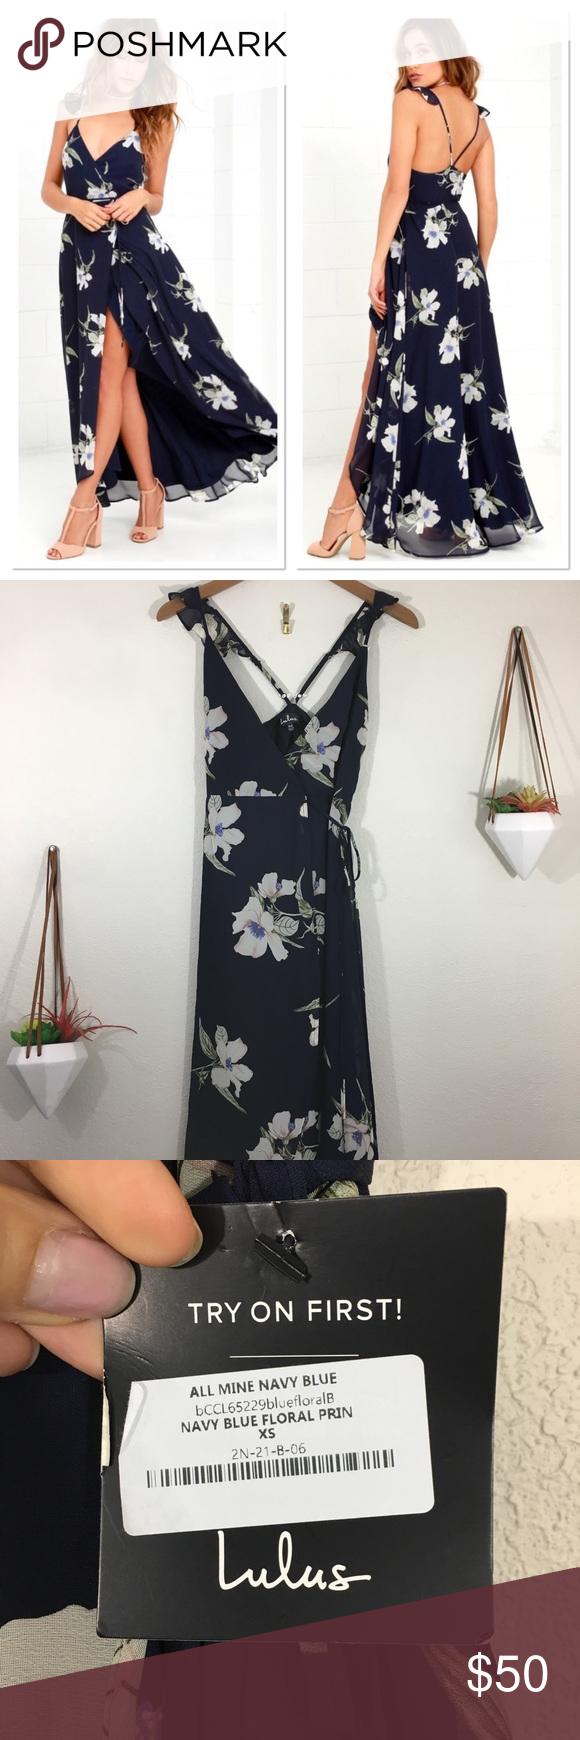 Nwt Lulu S All Mine Navy Blue Floral Maxi Dress Floral Blue Dress Blue Floral Maxi Dress Floral Maxi Dress [ 1740 x 580 Pixel ]